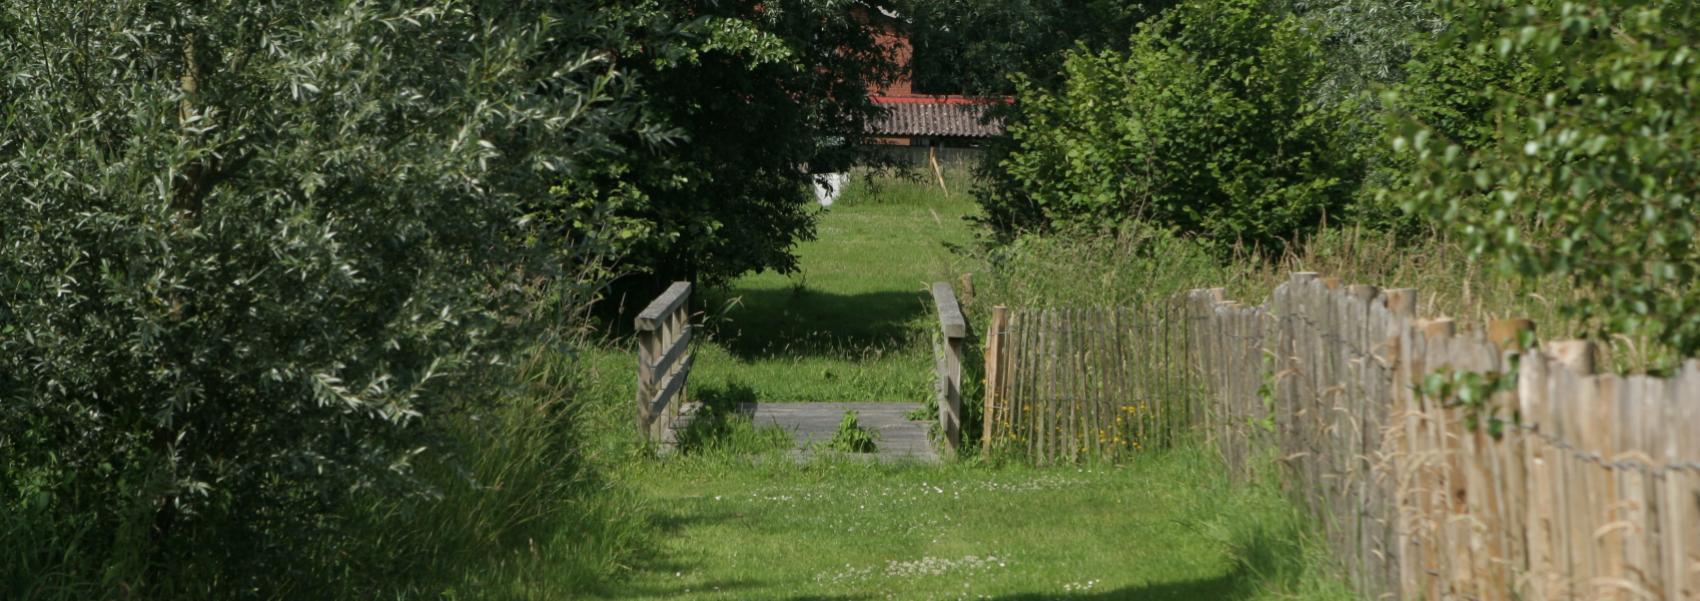 grasdreef met op het einde een brugje